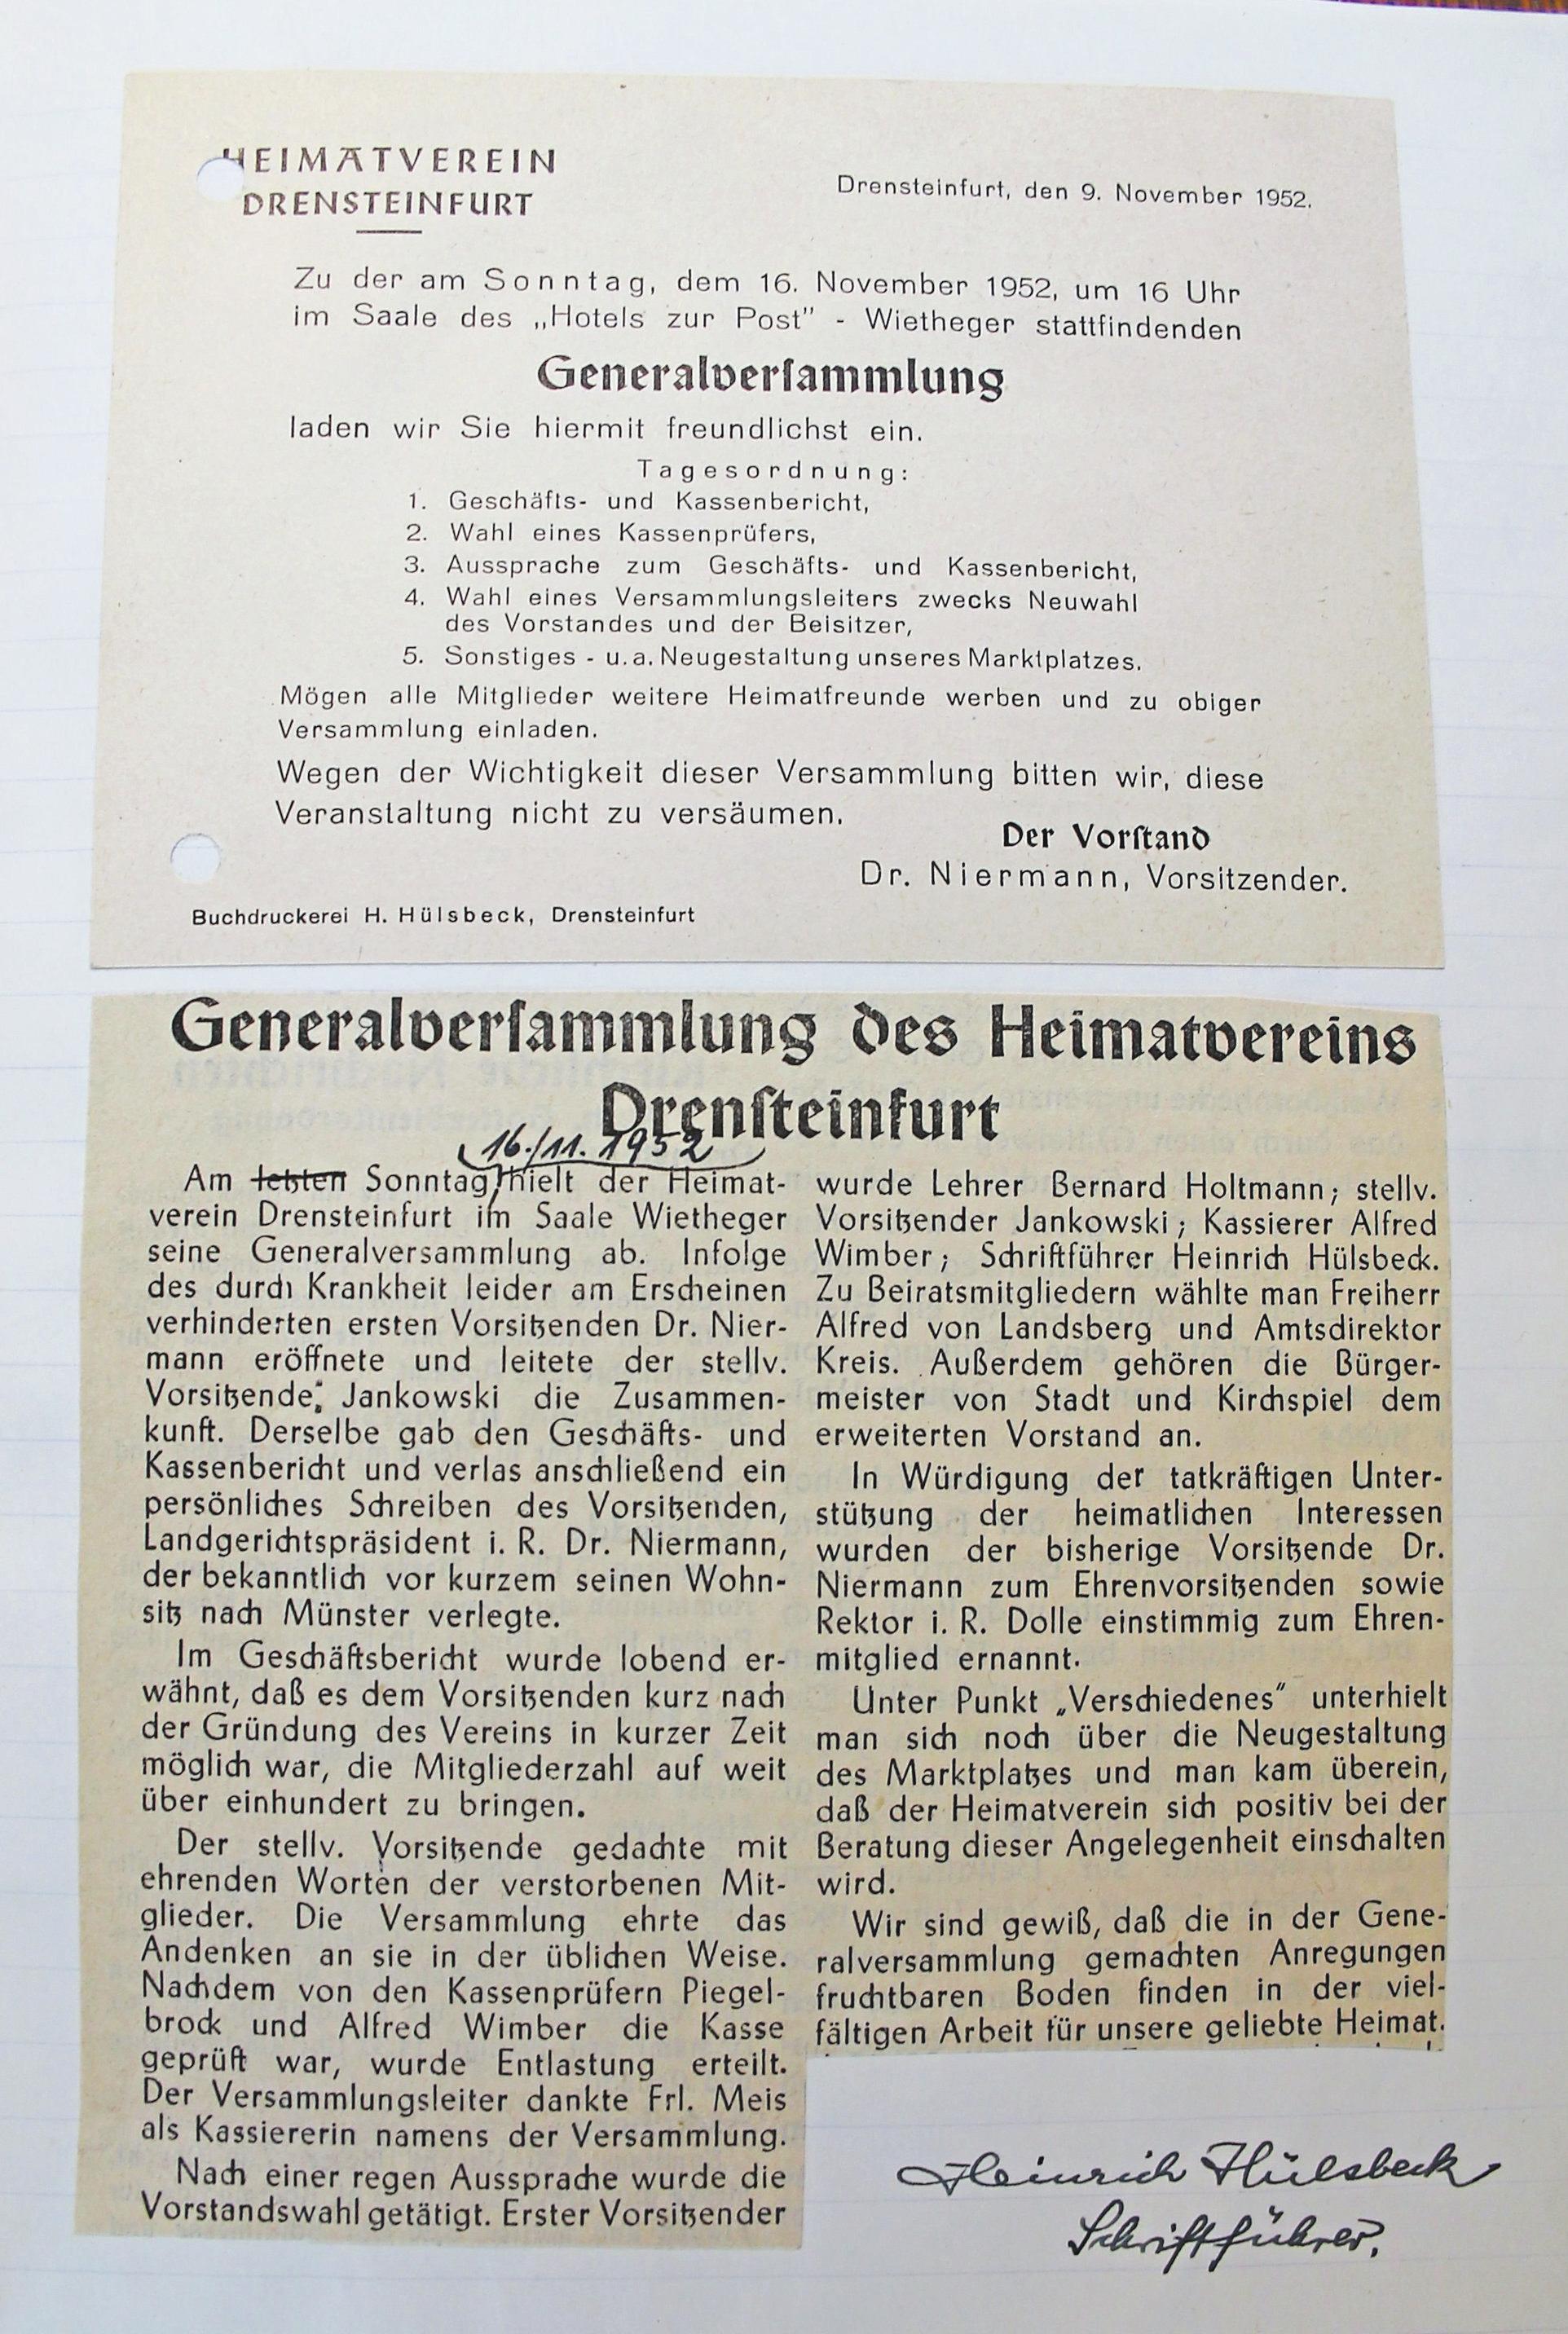 Das älteste vorhandene Dokument ist übrigens die Einladung zur Generalversammlung vom November 1952. Fotos: Nicole Evering